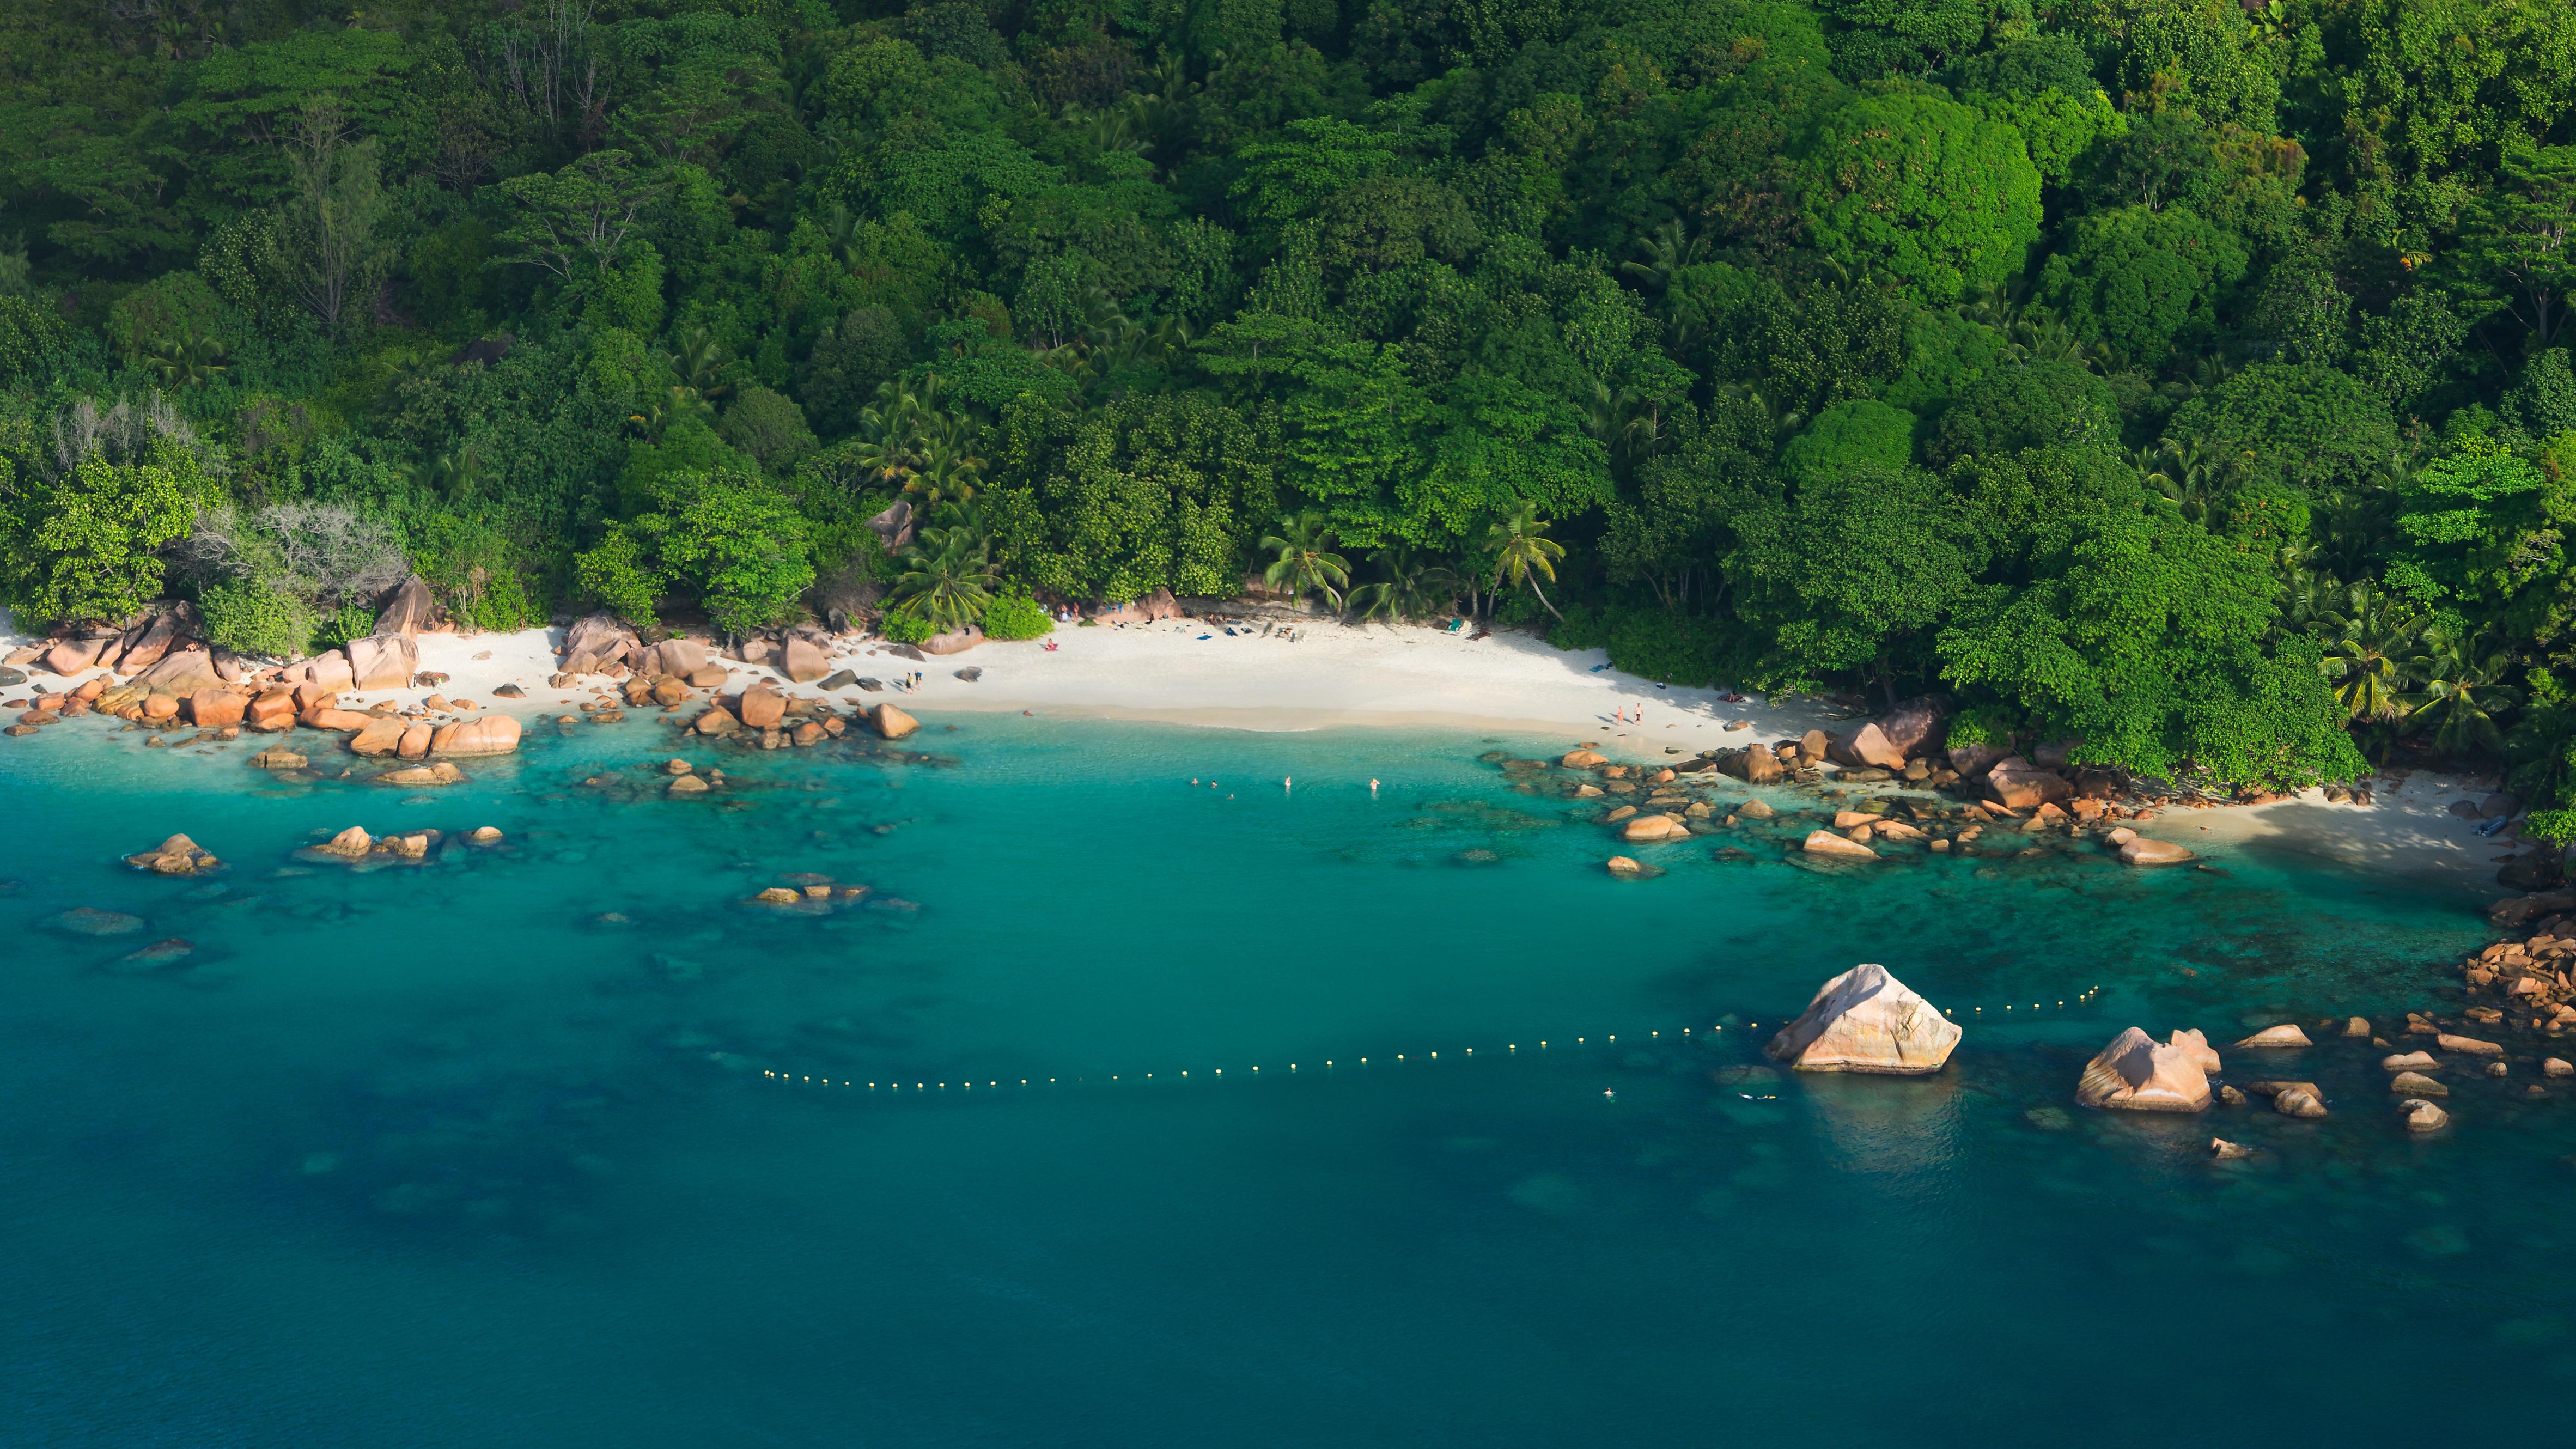 Anse Lazio es reconocida como una de las playas más bellas del mundo, a menudo por sus pintorescas vistas y colores vivos. Las aguas saturadas envuelven a cada nadador en un sueño verde azulado, mientras que las palmeras verde oscuro enmarcan la puesta de sol dorada